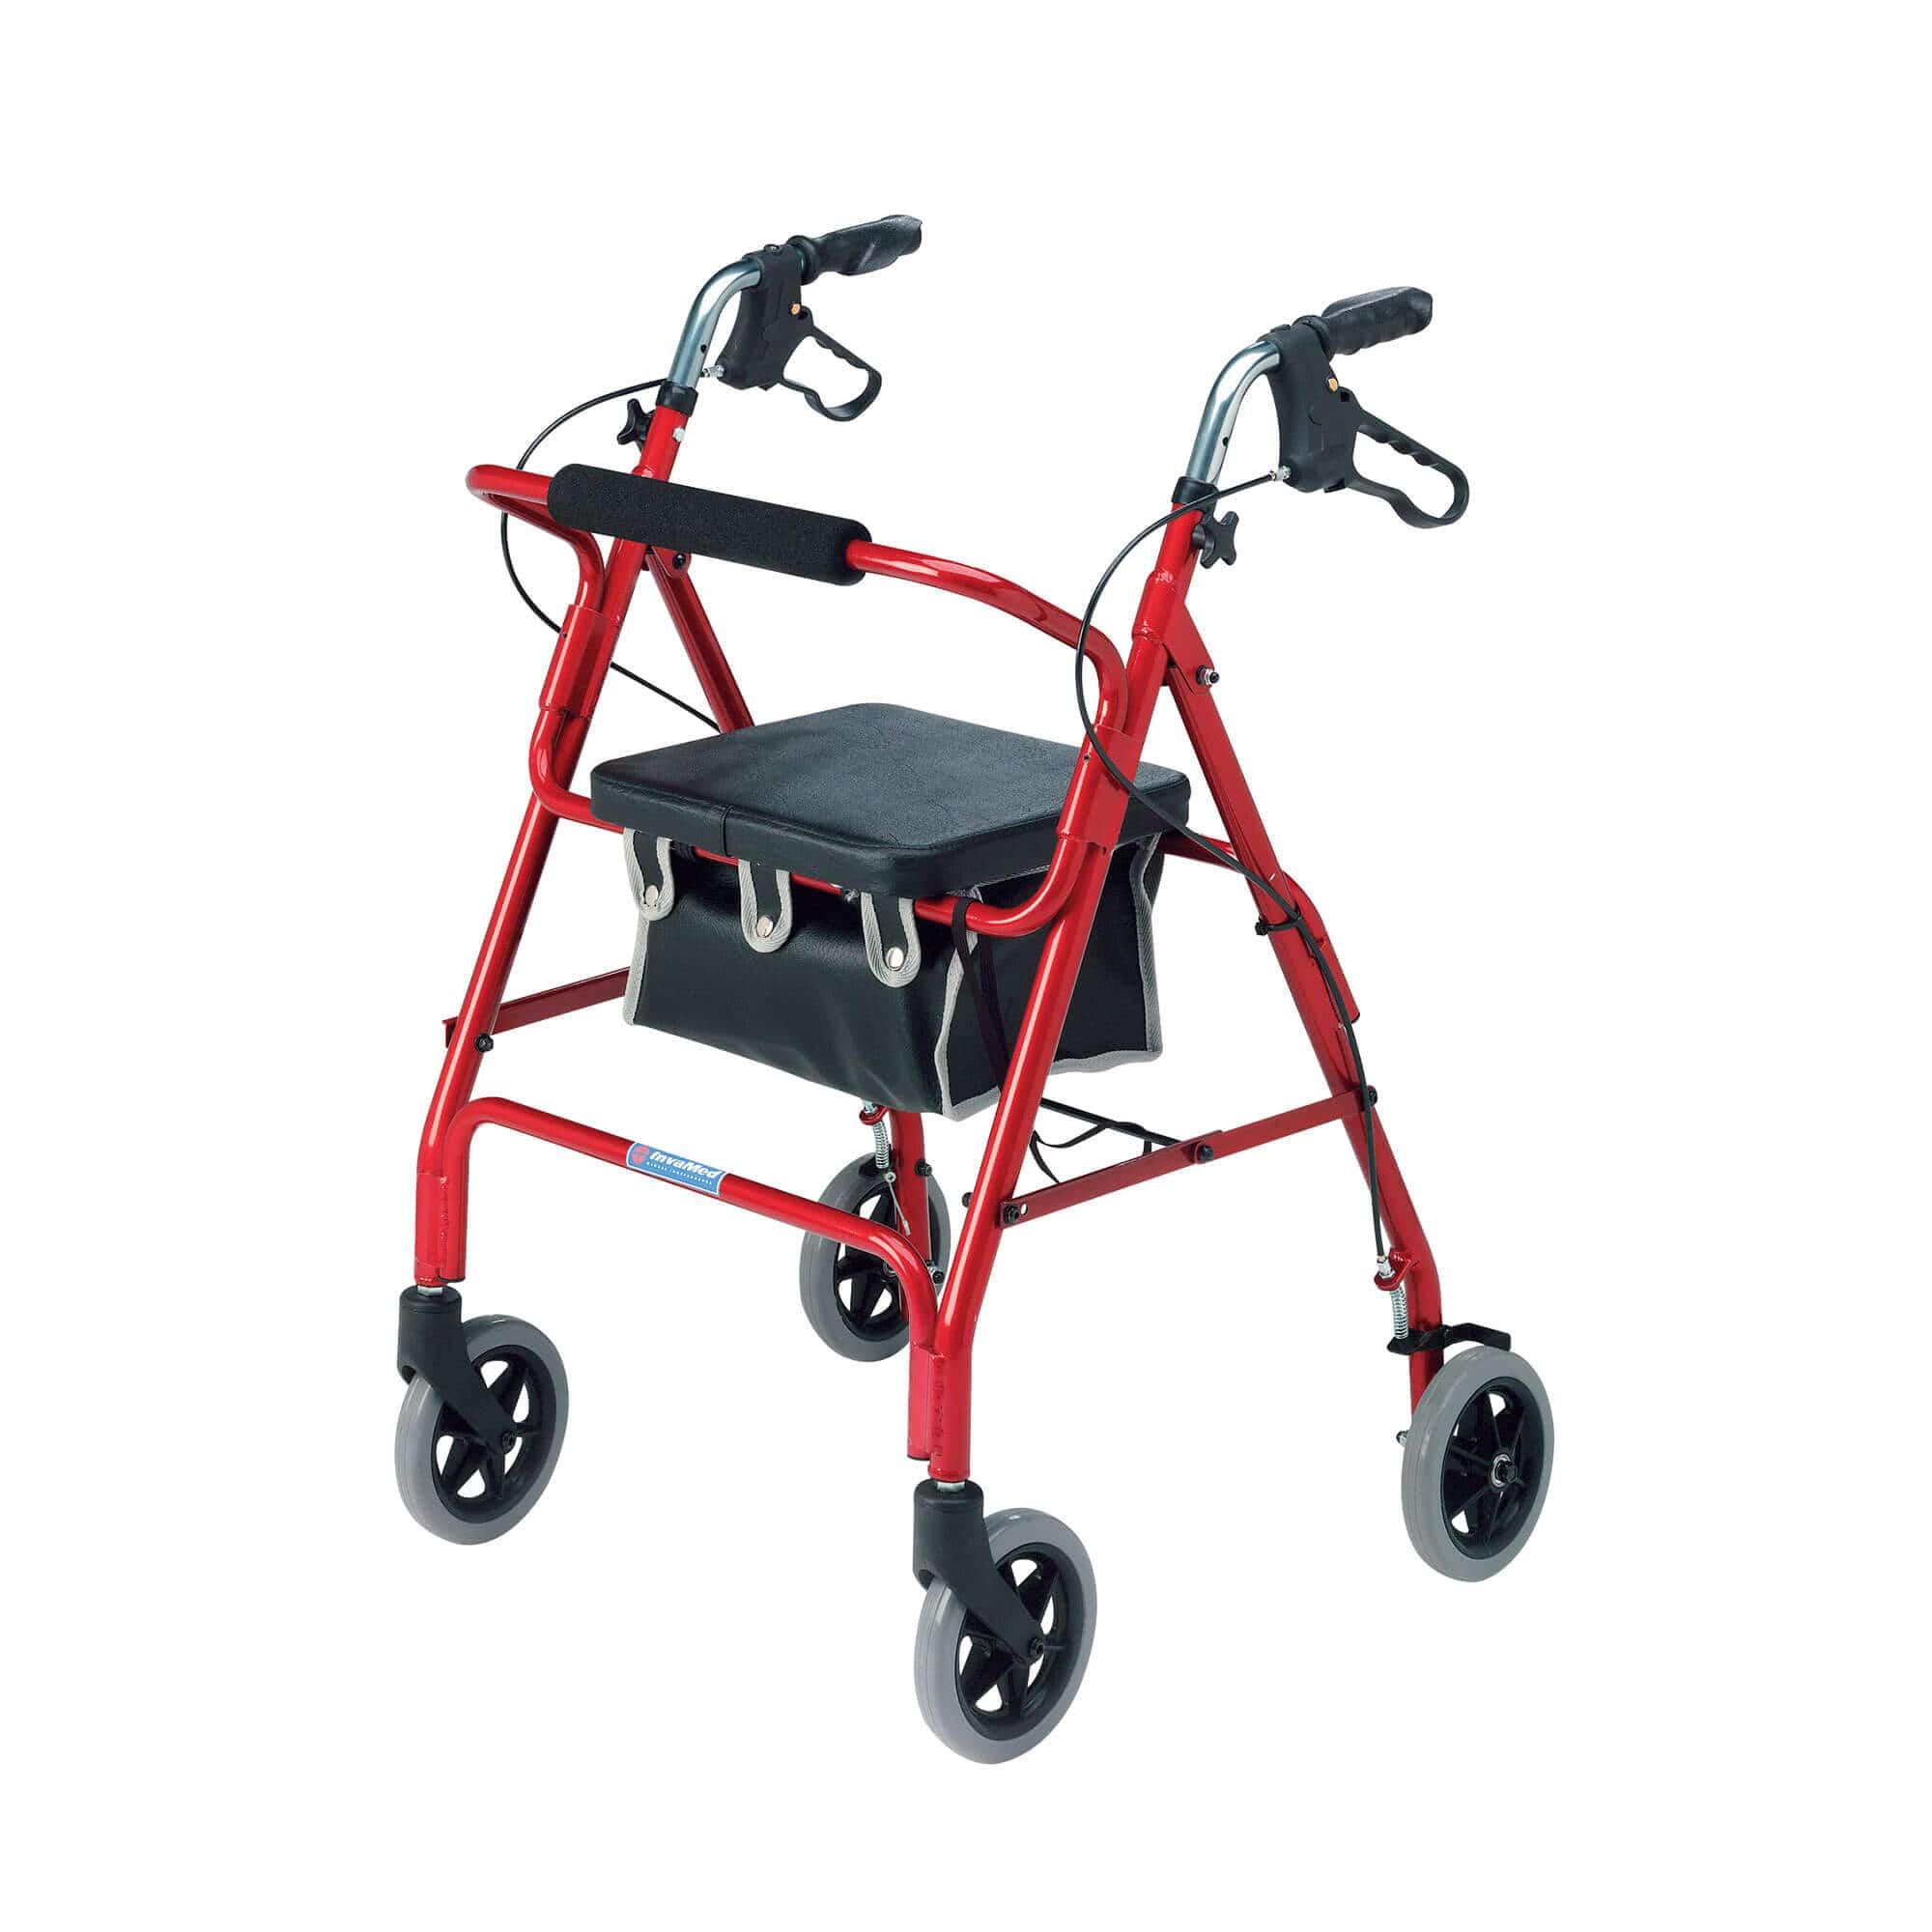 Lightweight 4-wheel Rollator